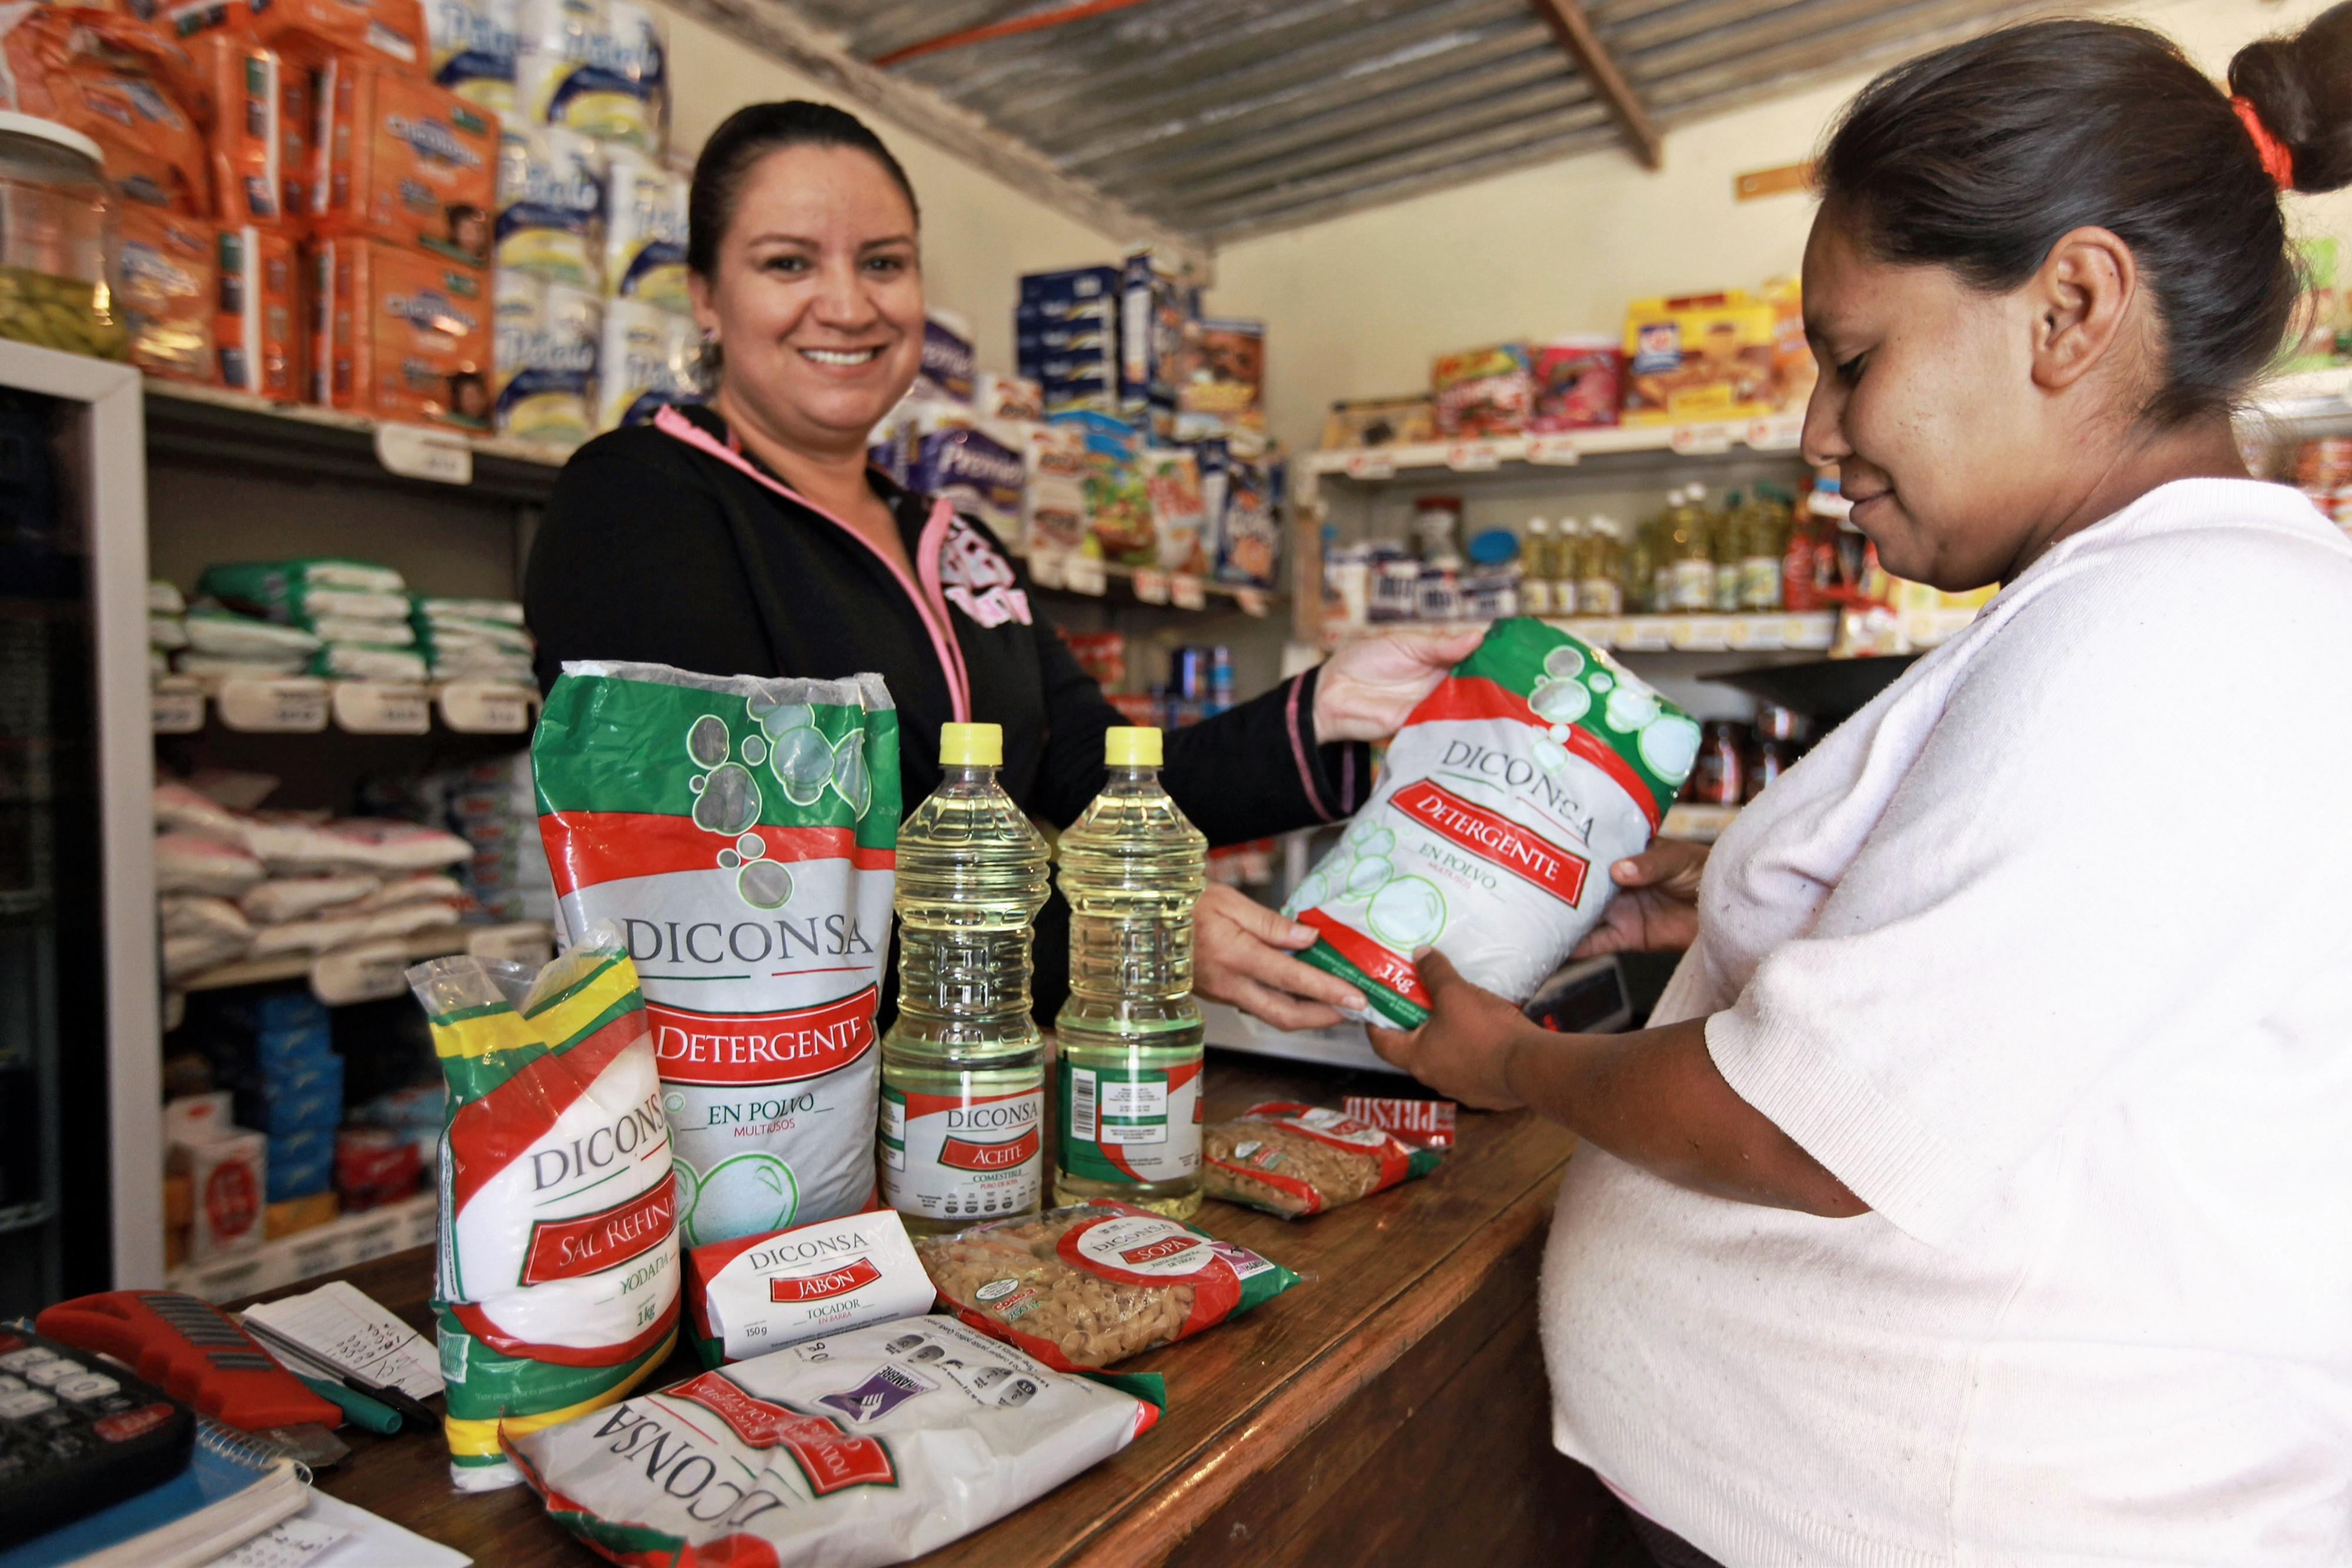 Mujer embarazada viendo productos Diconsa en una tienda junto a la vendedora